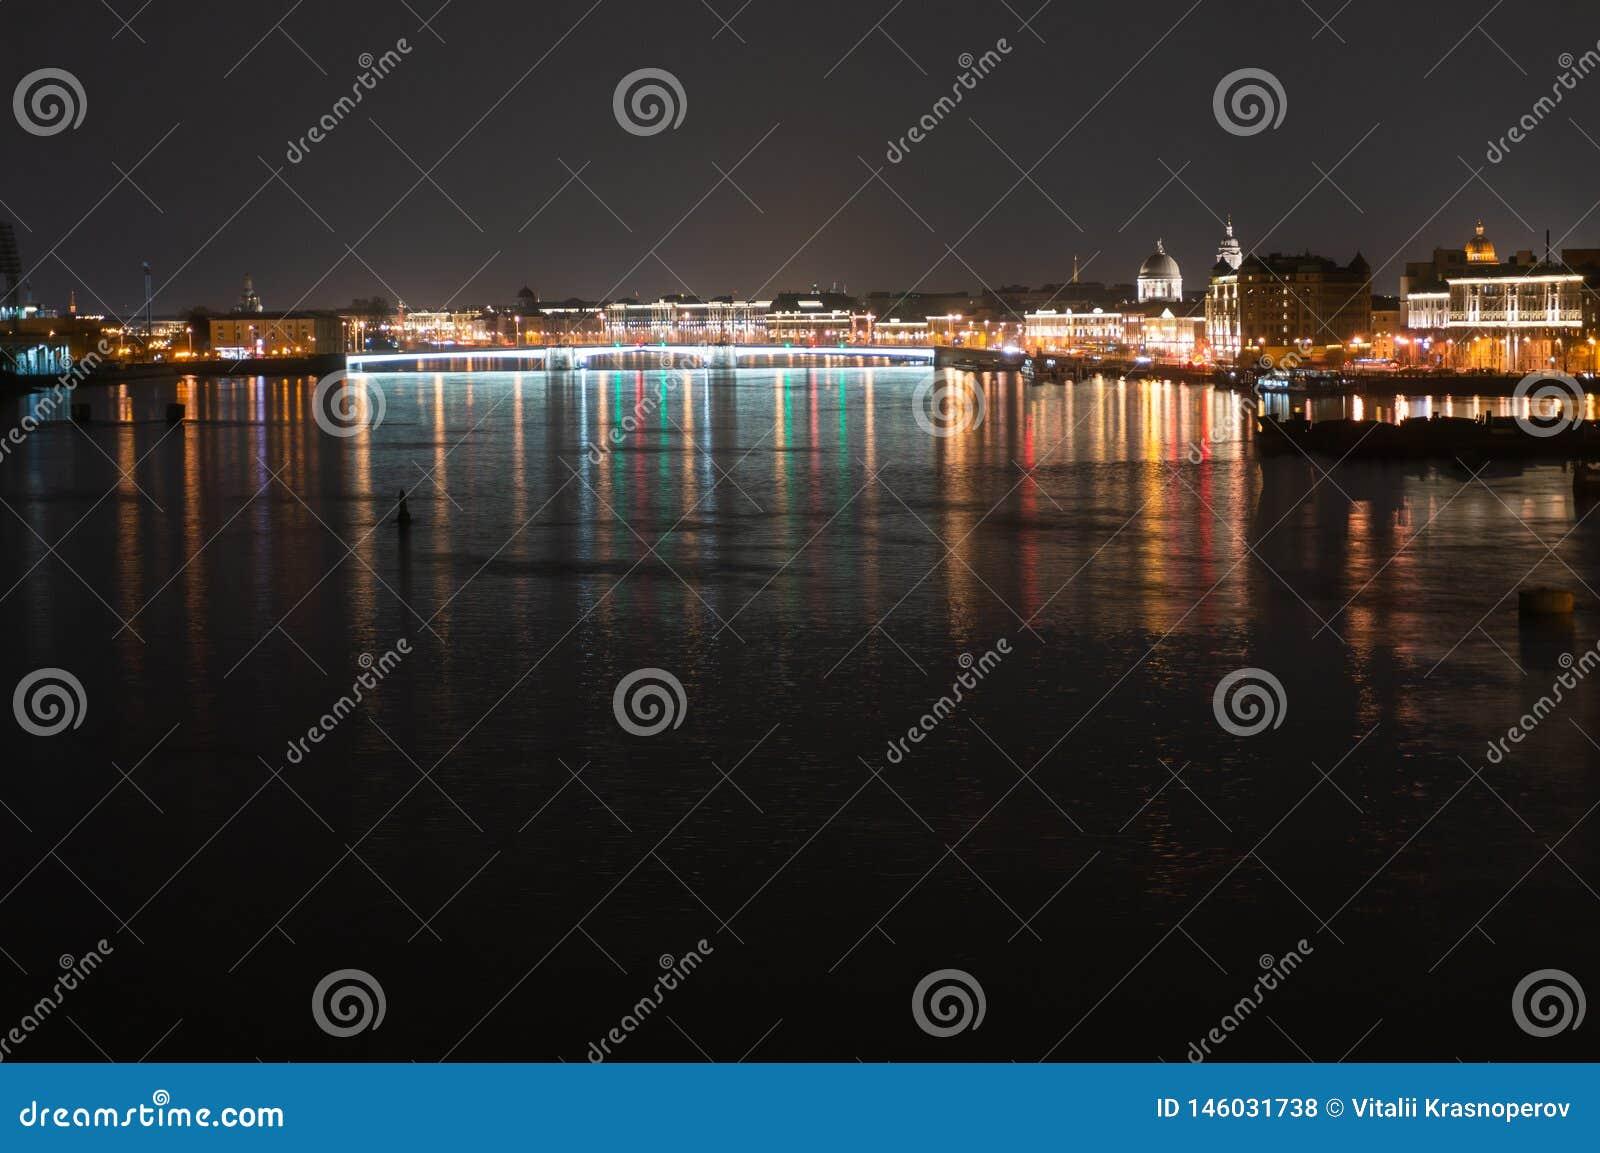 Vue panoramique de nuit de Neva River et de pont lumineux de Tuchkov, St Petersbourg, Russie